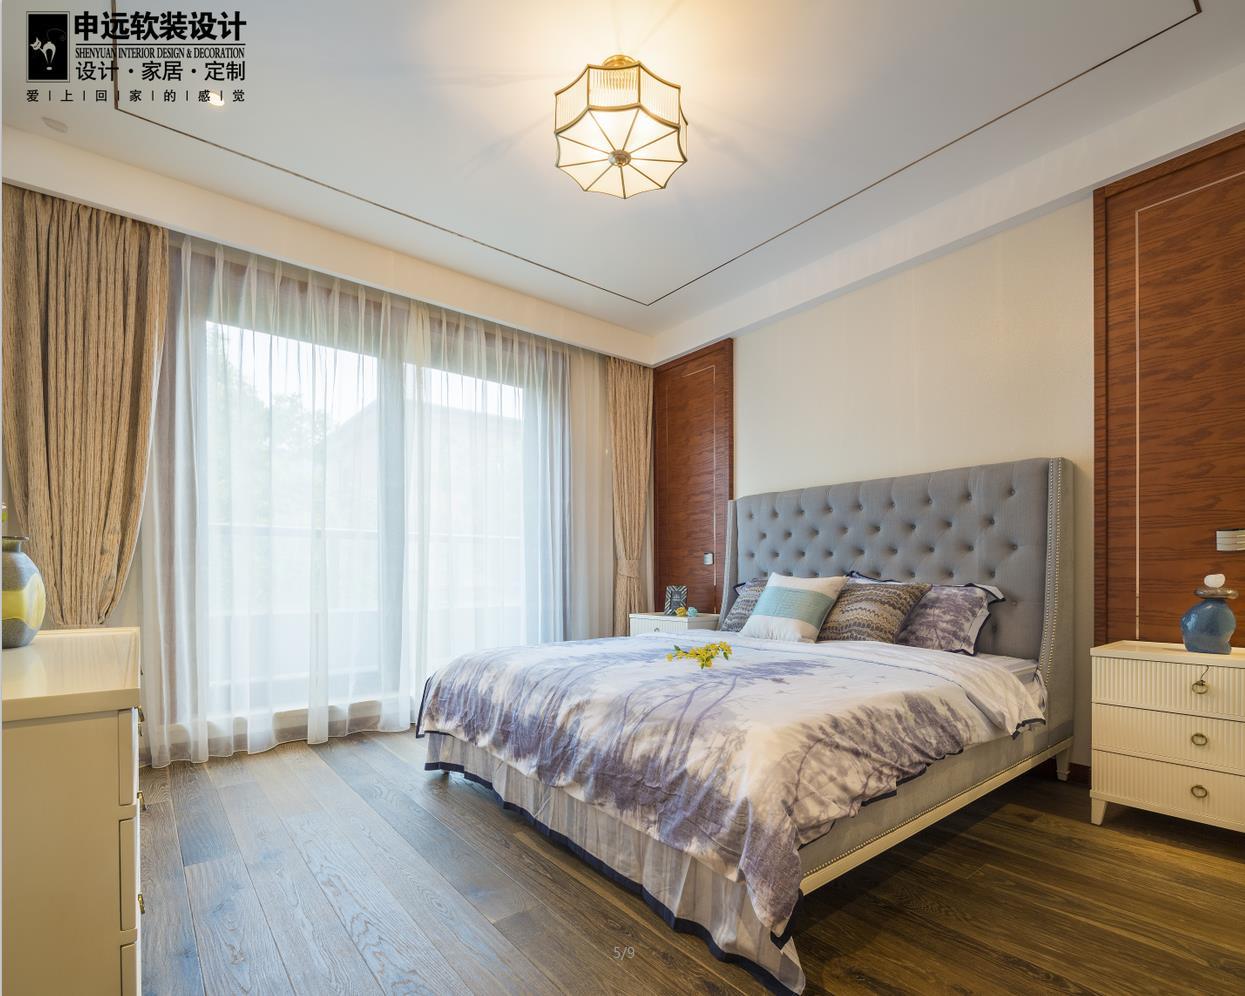 简约 三居 现代 软装 卧室图片来自申远空间设计北京分公司在北京申远空间设计-软装实景拍摄的分享